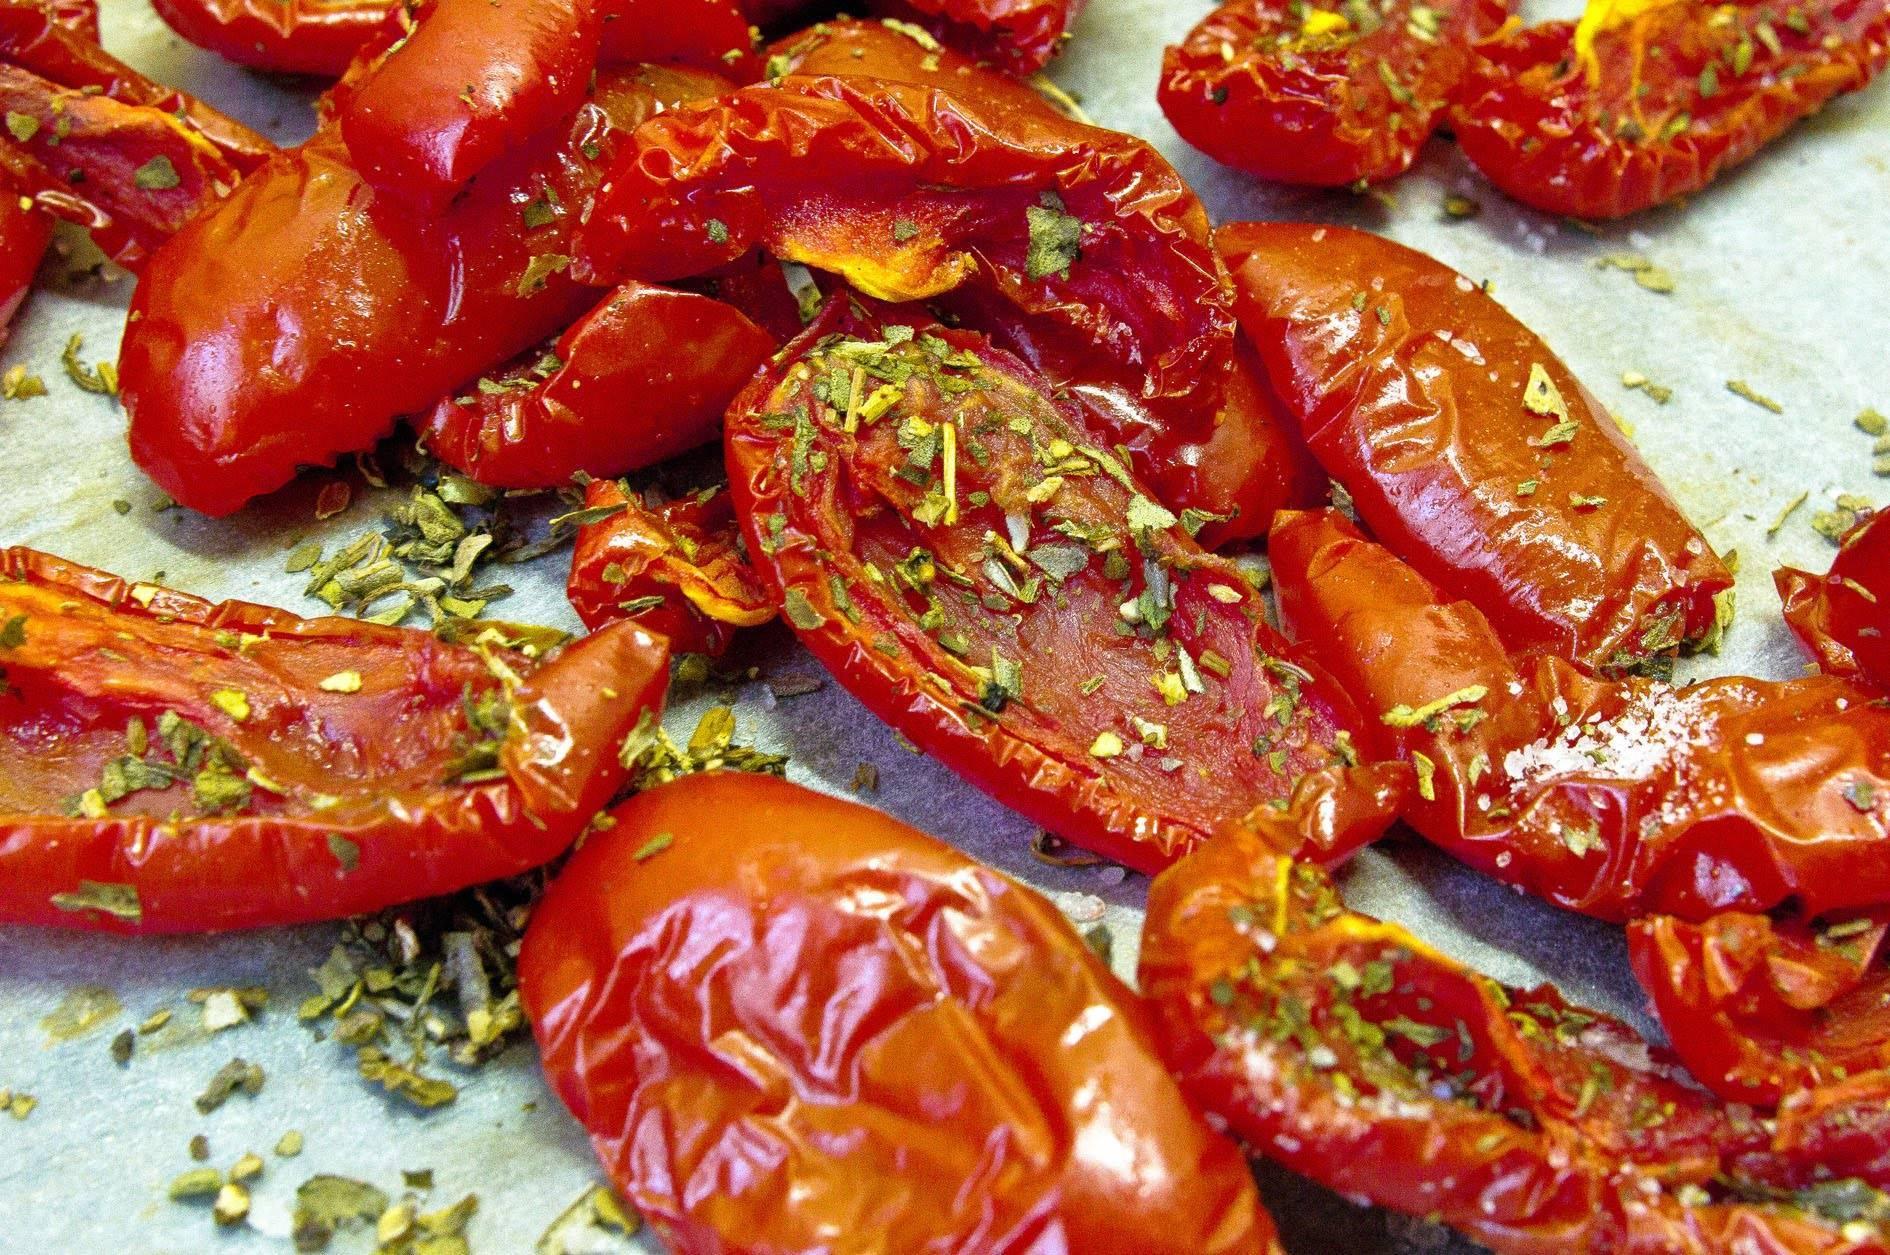 Как сделать вяленые помидоры в домашних условиях: заготовка на зиму в духовке, на солнце, в мультиварке и аэрогриле